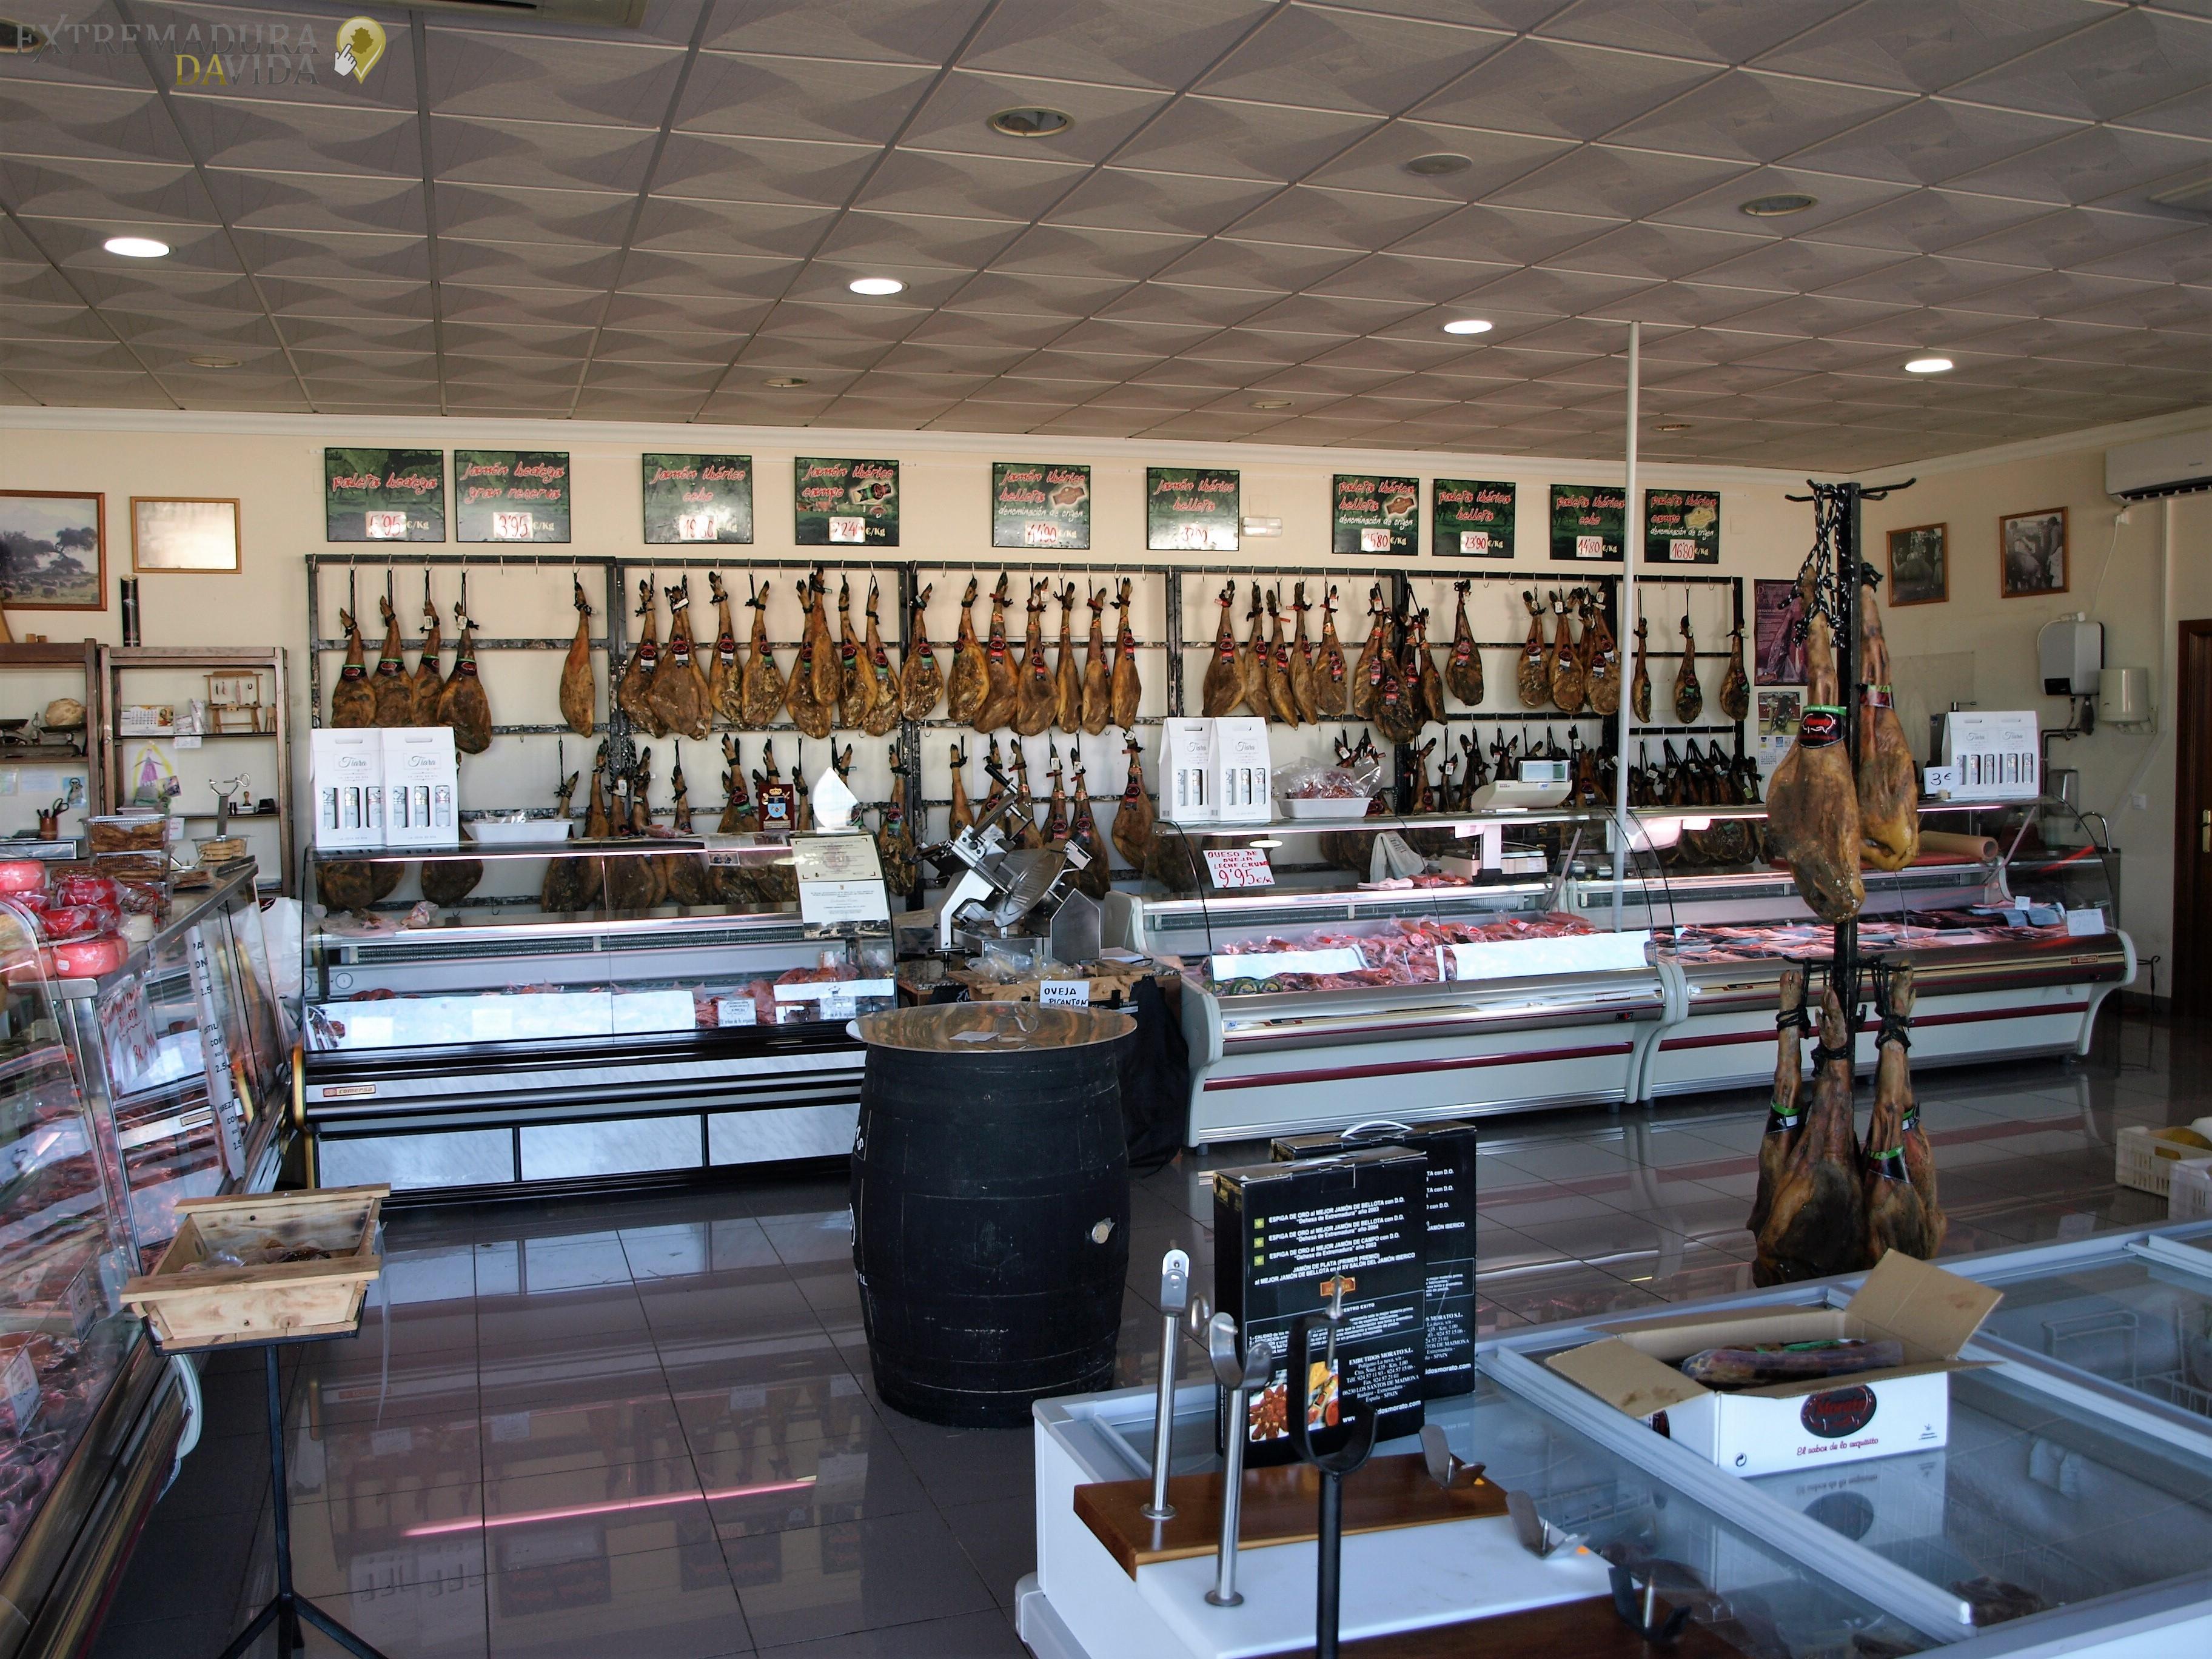 fabrica y distribución de jamones extremeños morato